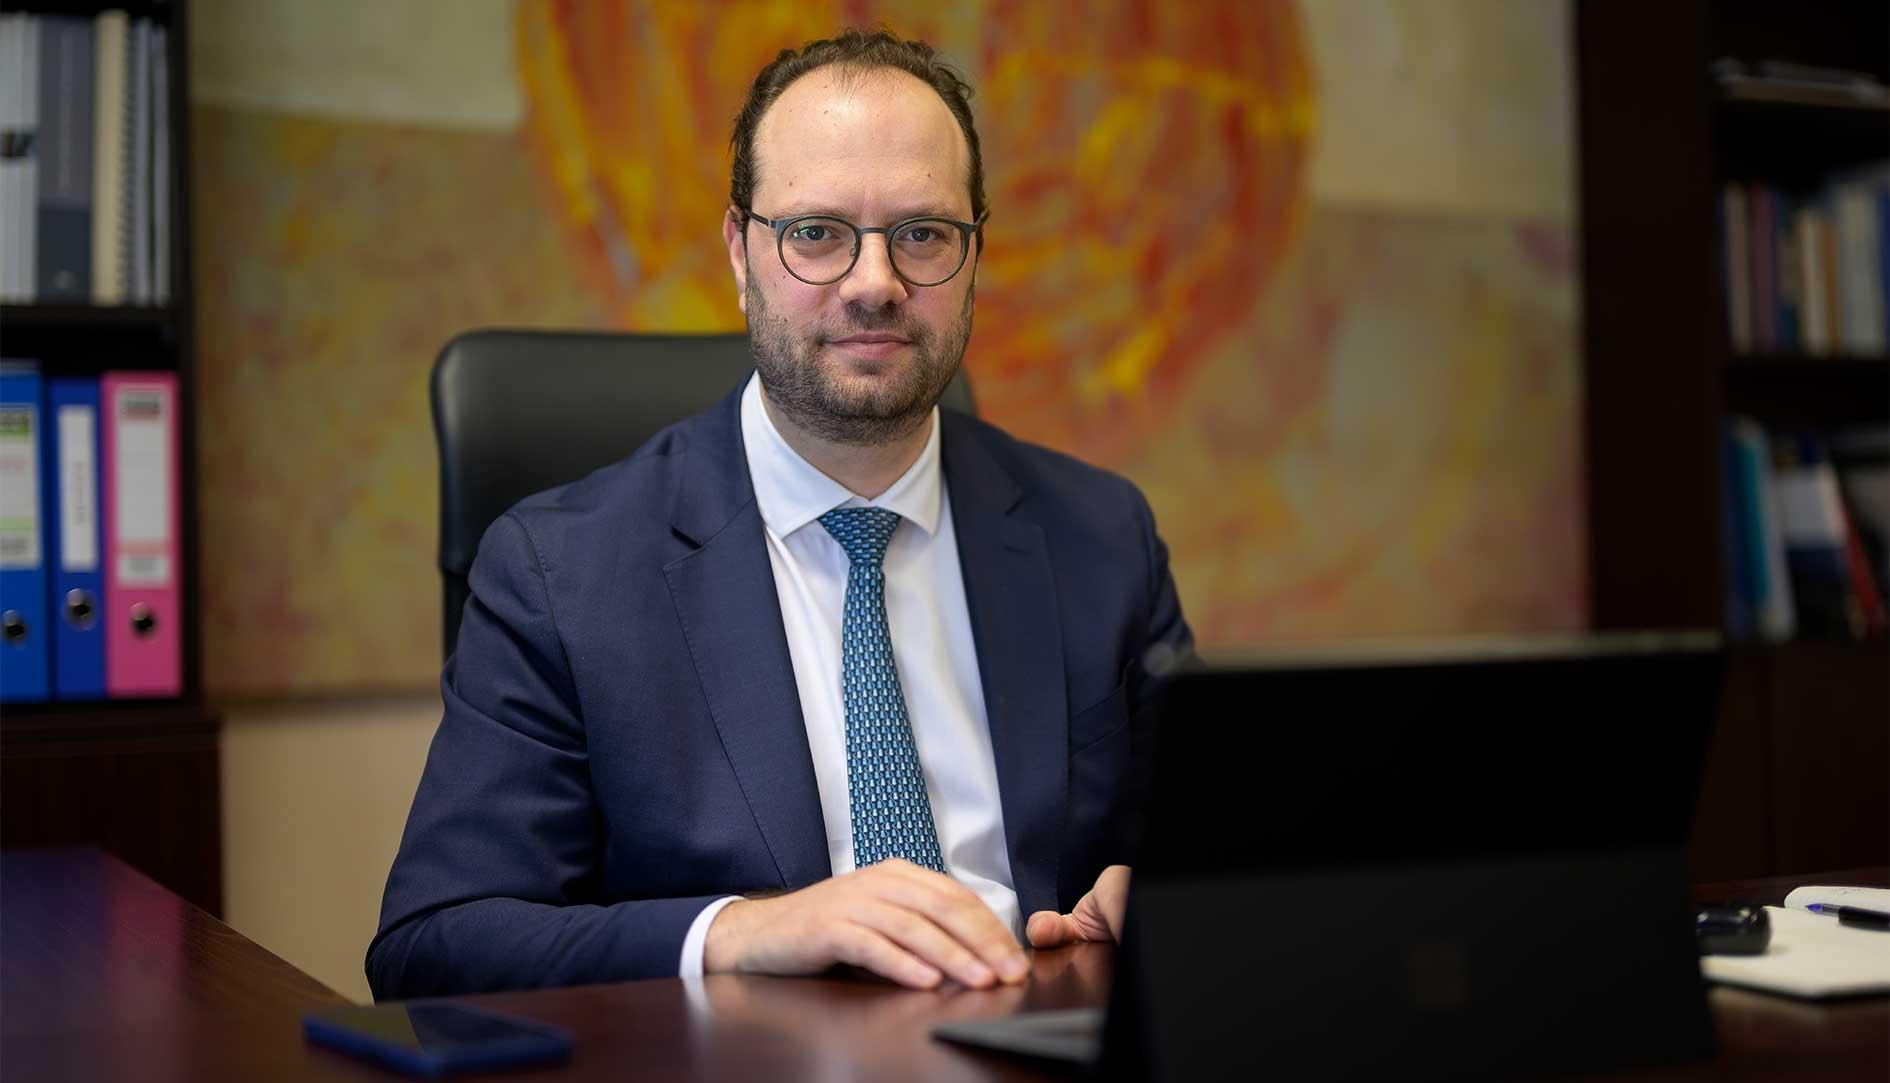 Ορέστης Καβαλάκης, Γενικός Γραμματέας Ιδιωτικών Επενδύσεων & ΣΔΙΤ, Υπουργείο Ανάπτυξης & Επενδύσεων: Ανθεκτικότητα και βιώσιμη ανάπτυξη το κλειδί για τον εκσυγχρονισμό της οικονομίας